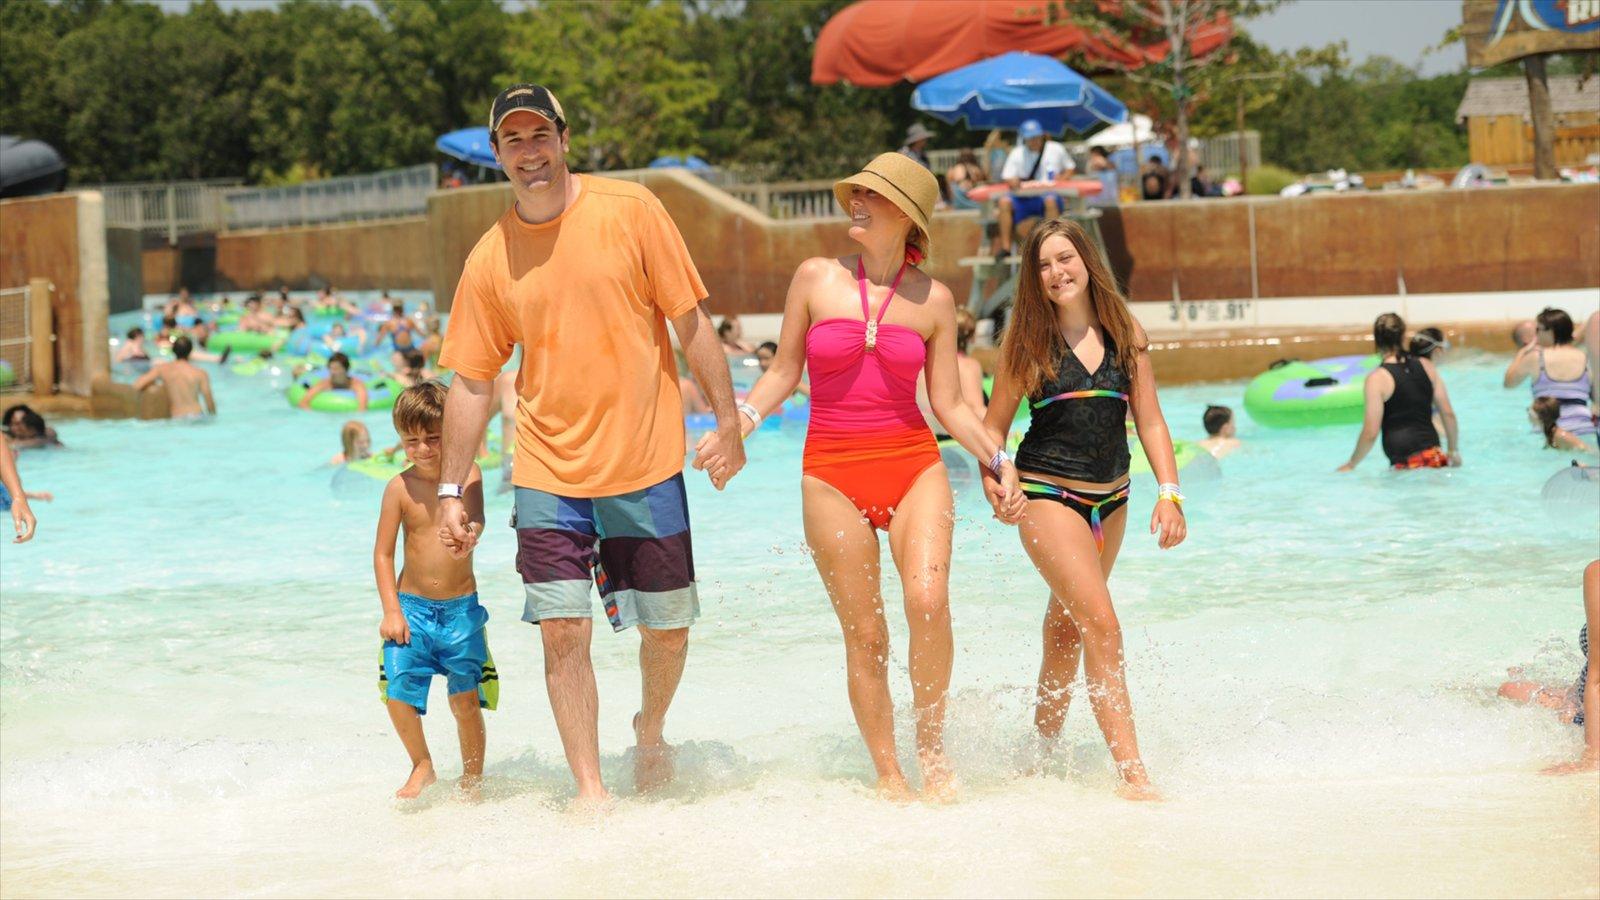 Kansas caracterizando passeios, natação e um parque aquático